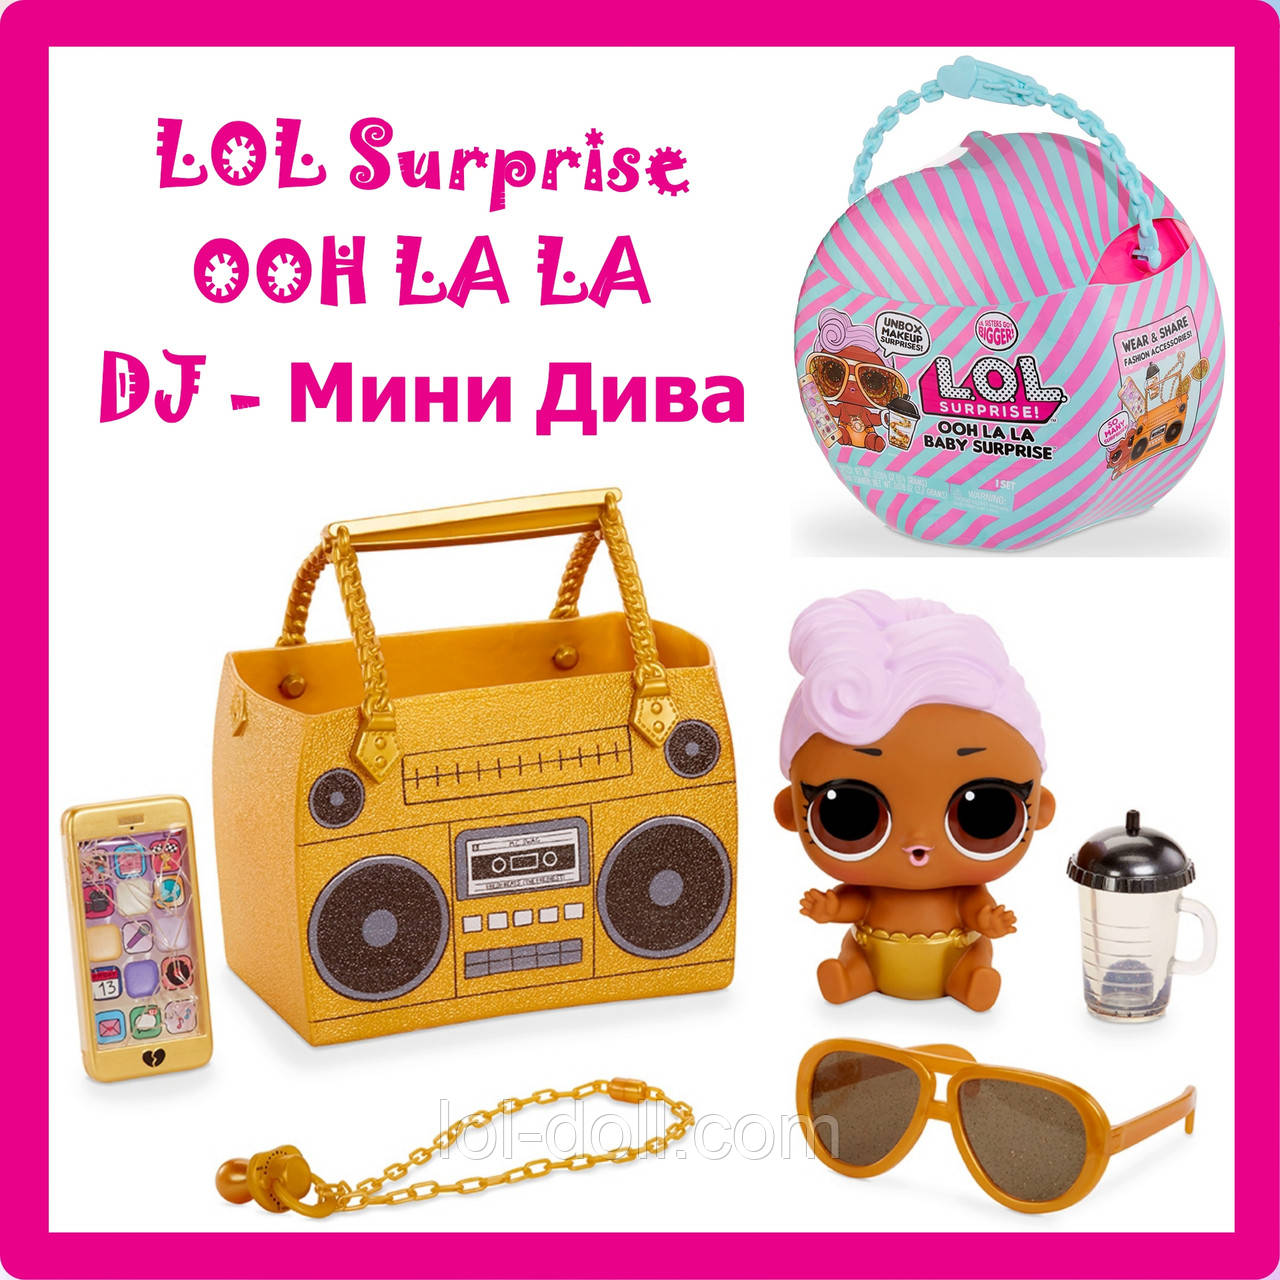 """Игровой набор с куклой L.O.L. SURPRISE! Кукла ЛОЛ серии """"Ooh La La Baby Surprise"""" - DJ - МИНИ-ДИВА"""